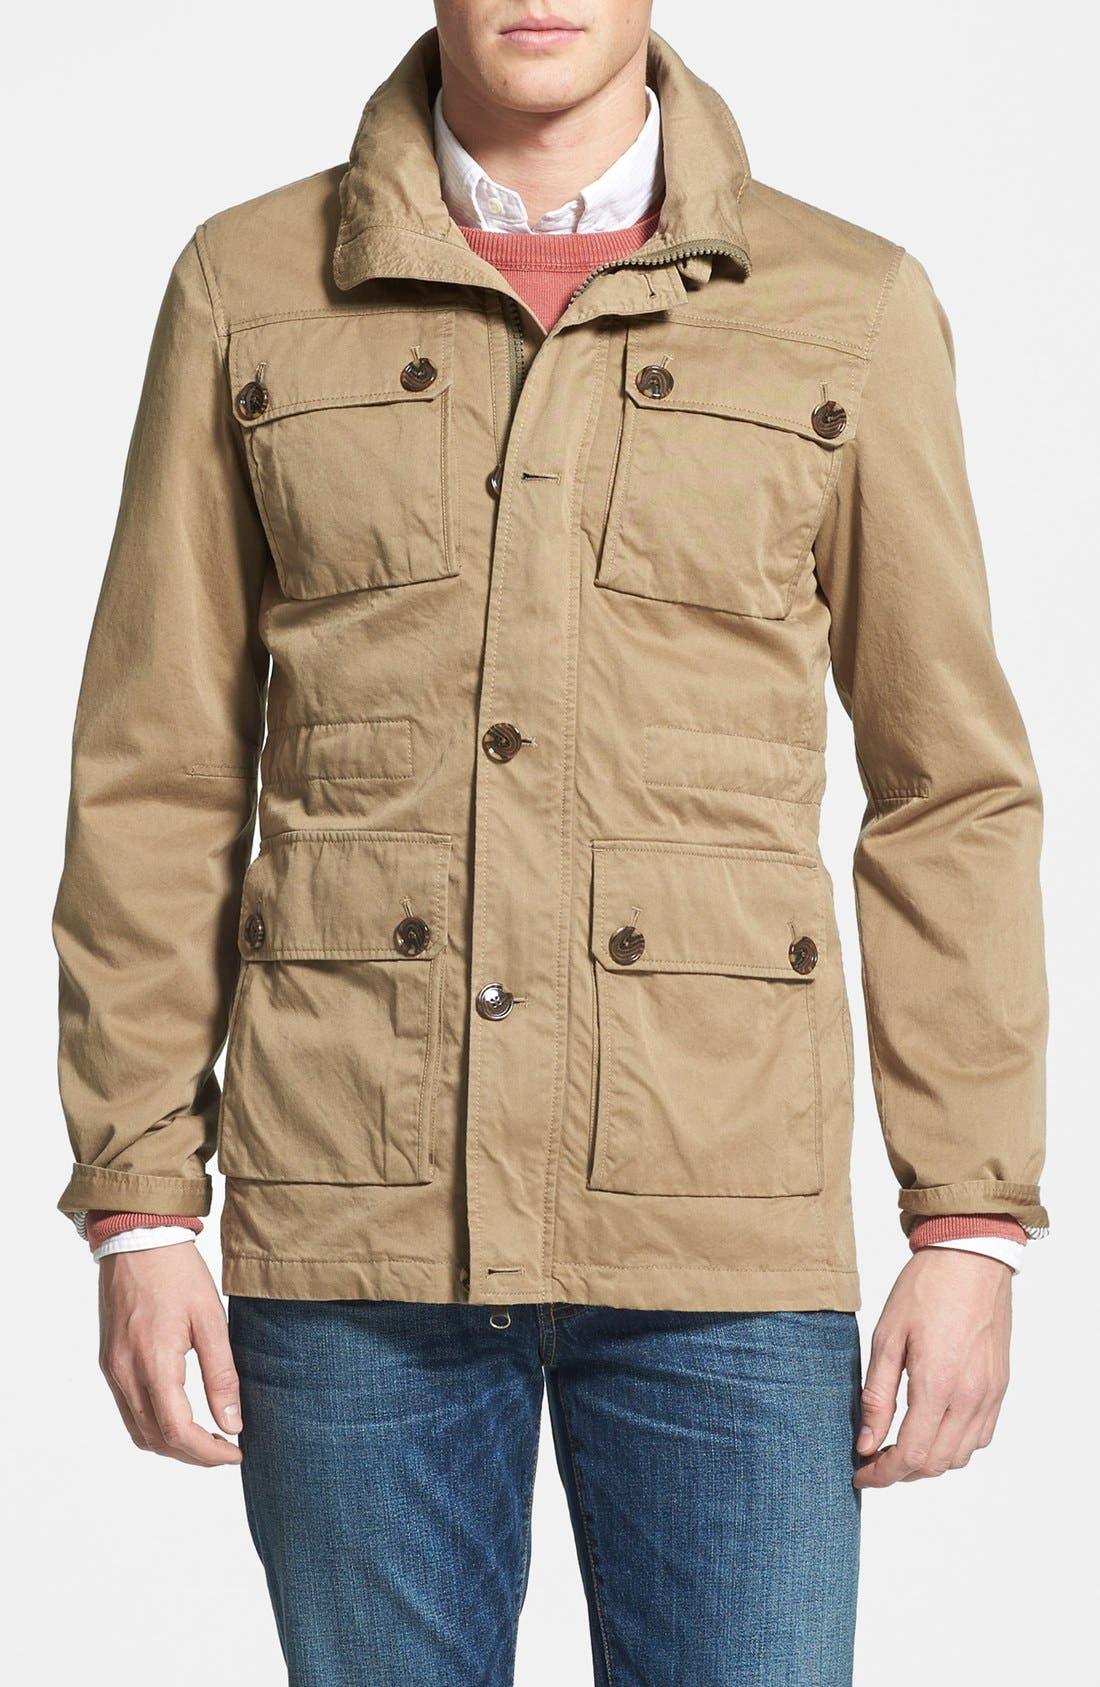 Alternate Image 1 Selected - J. Lindeberg 'Foreman' Field Jacket